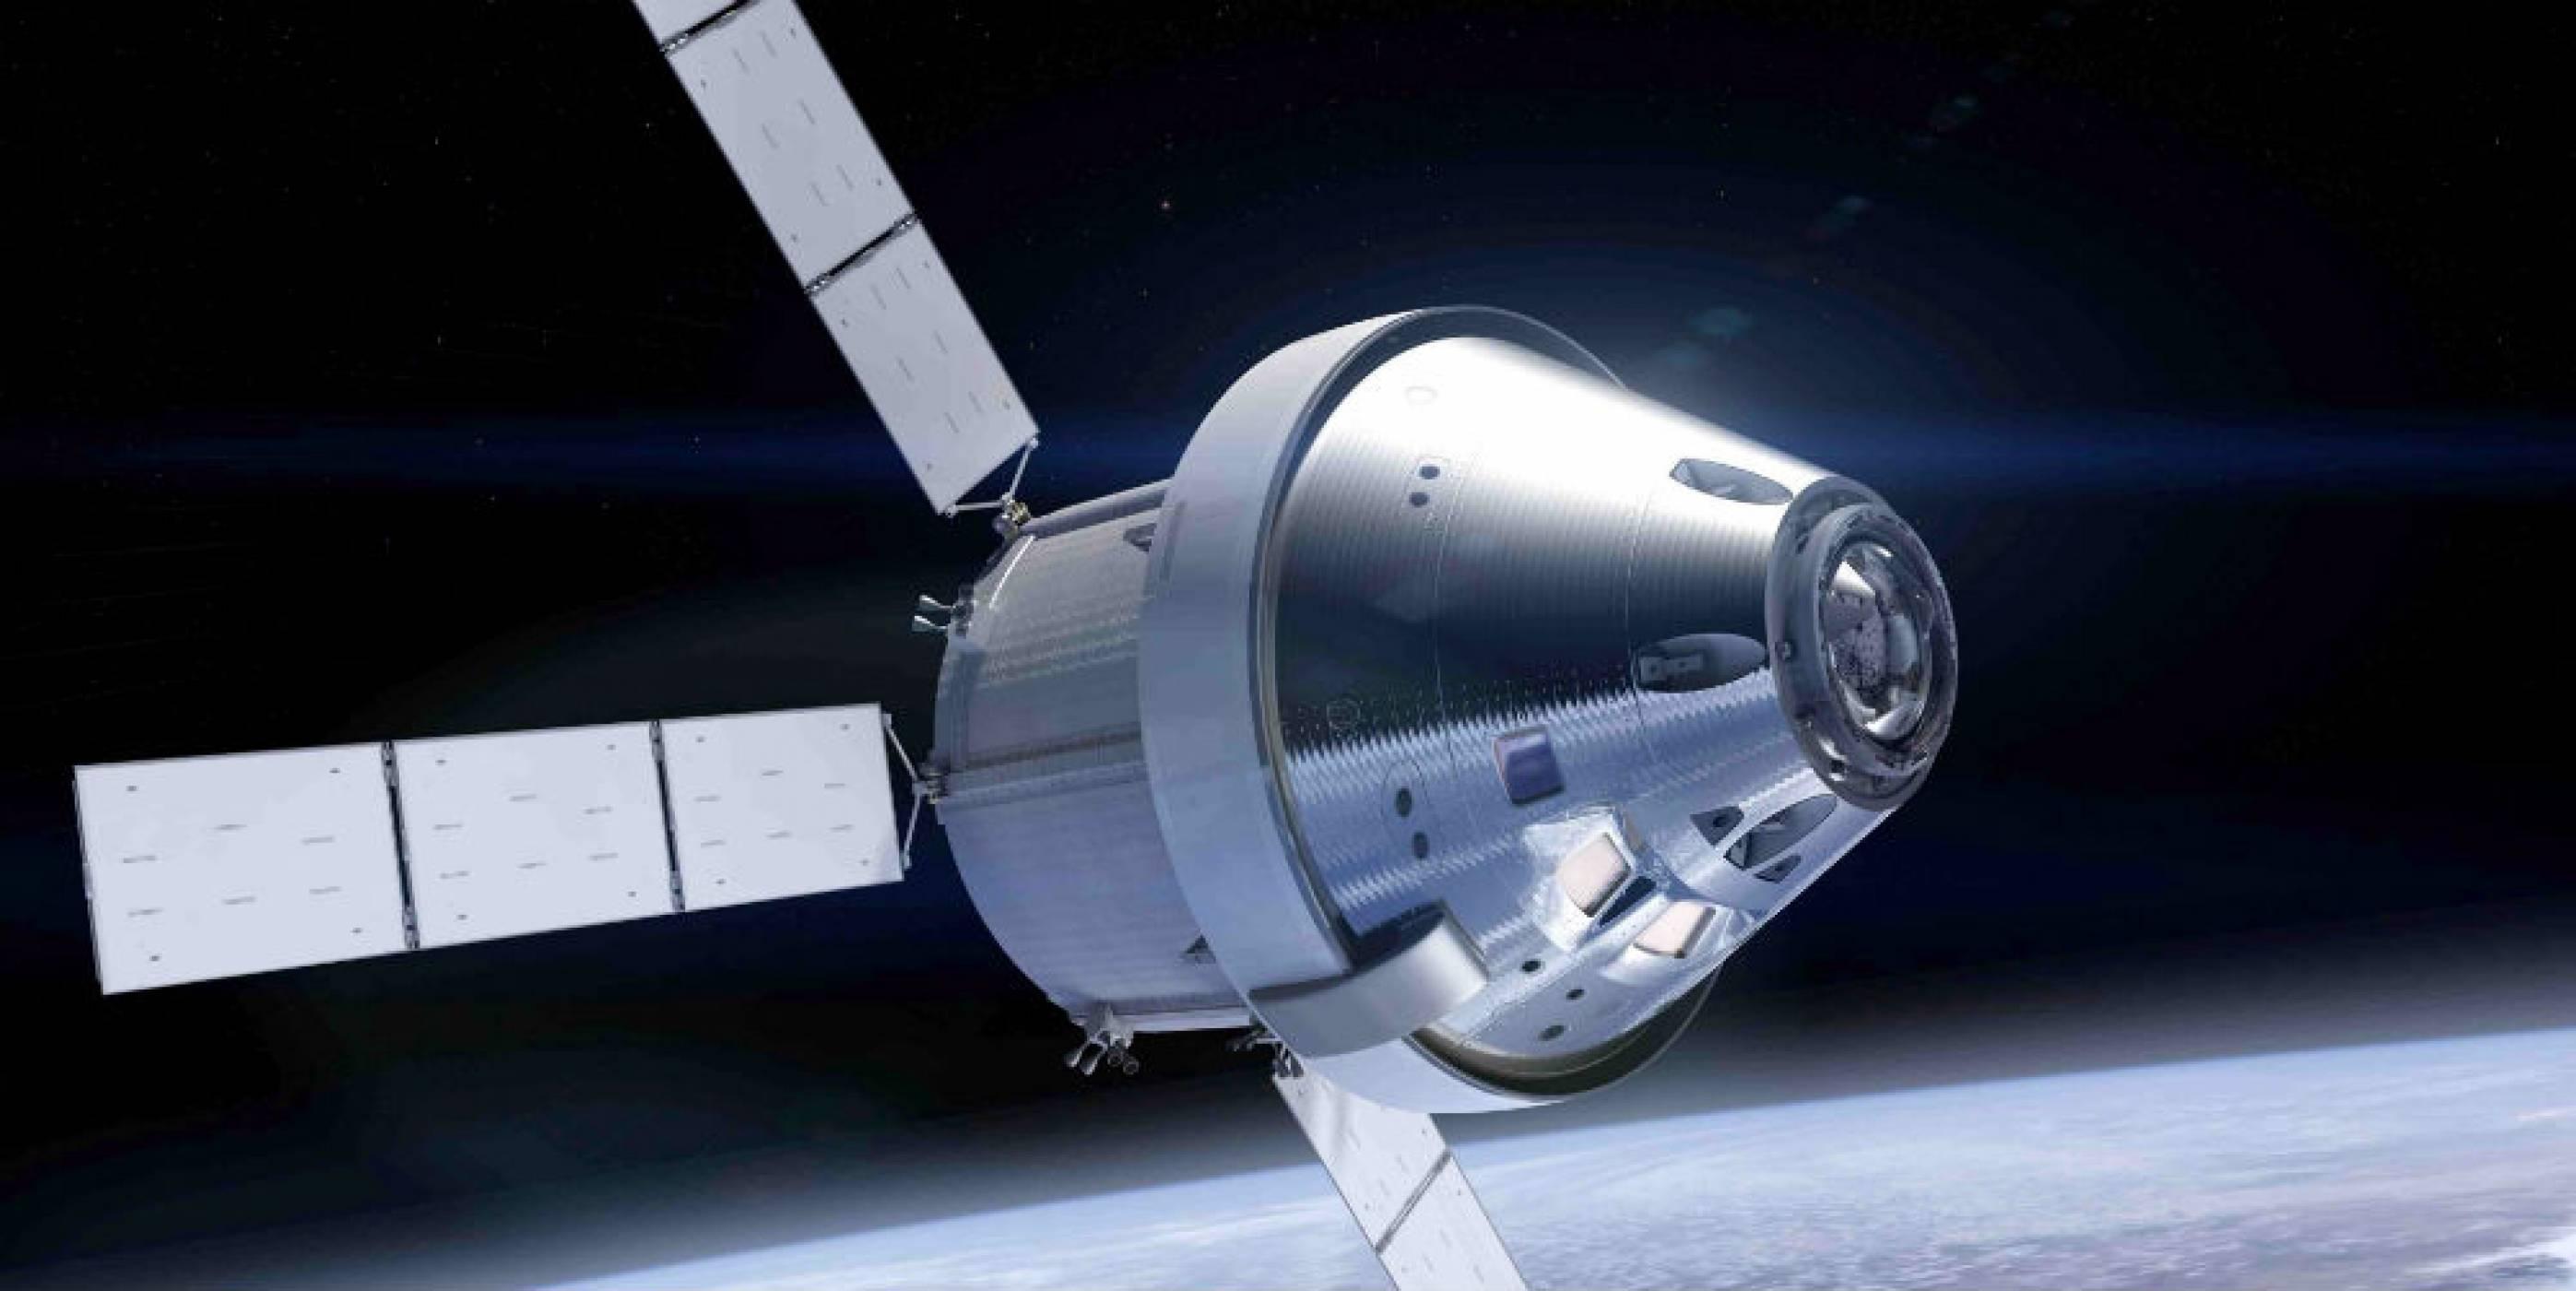 Първата мисия на Orion ще бъде без екипаж на борда